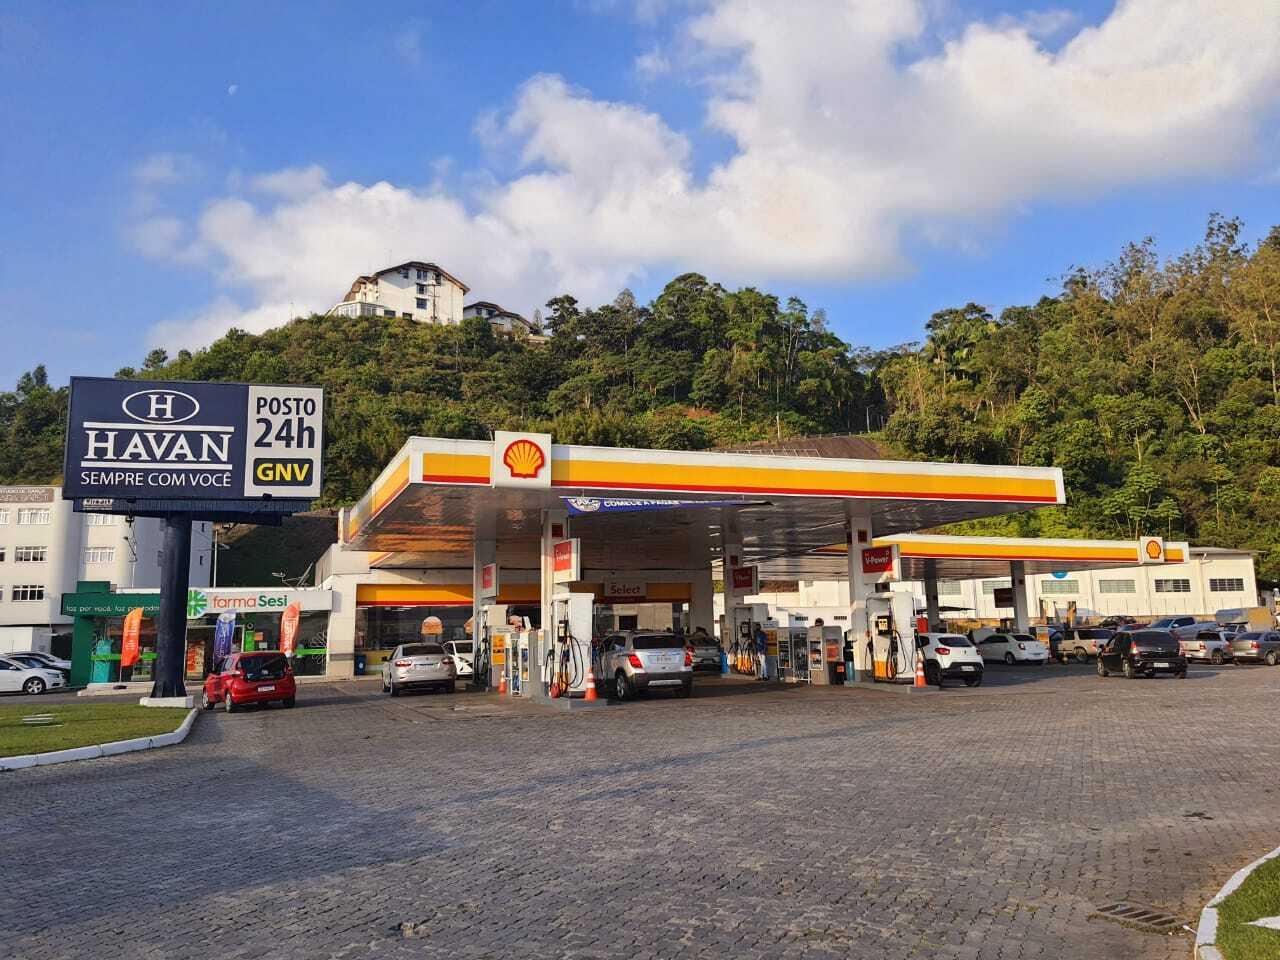 """Imposto Zero: Postos Havan vendem gasolina a R$ 3,39 no """"Dia do Imposto Zero"""""""